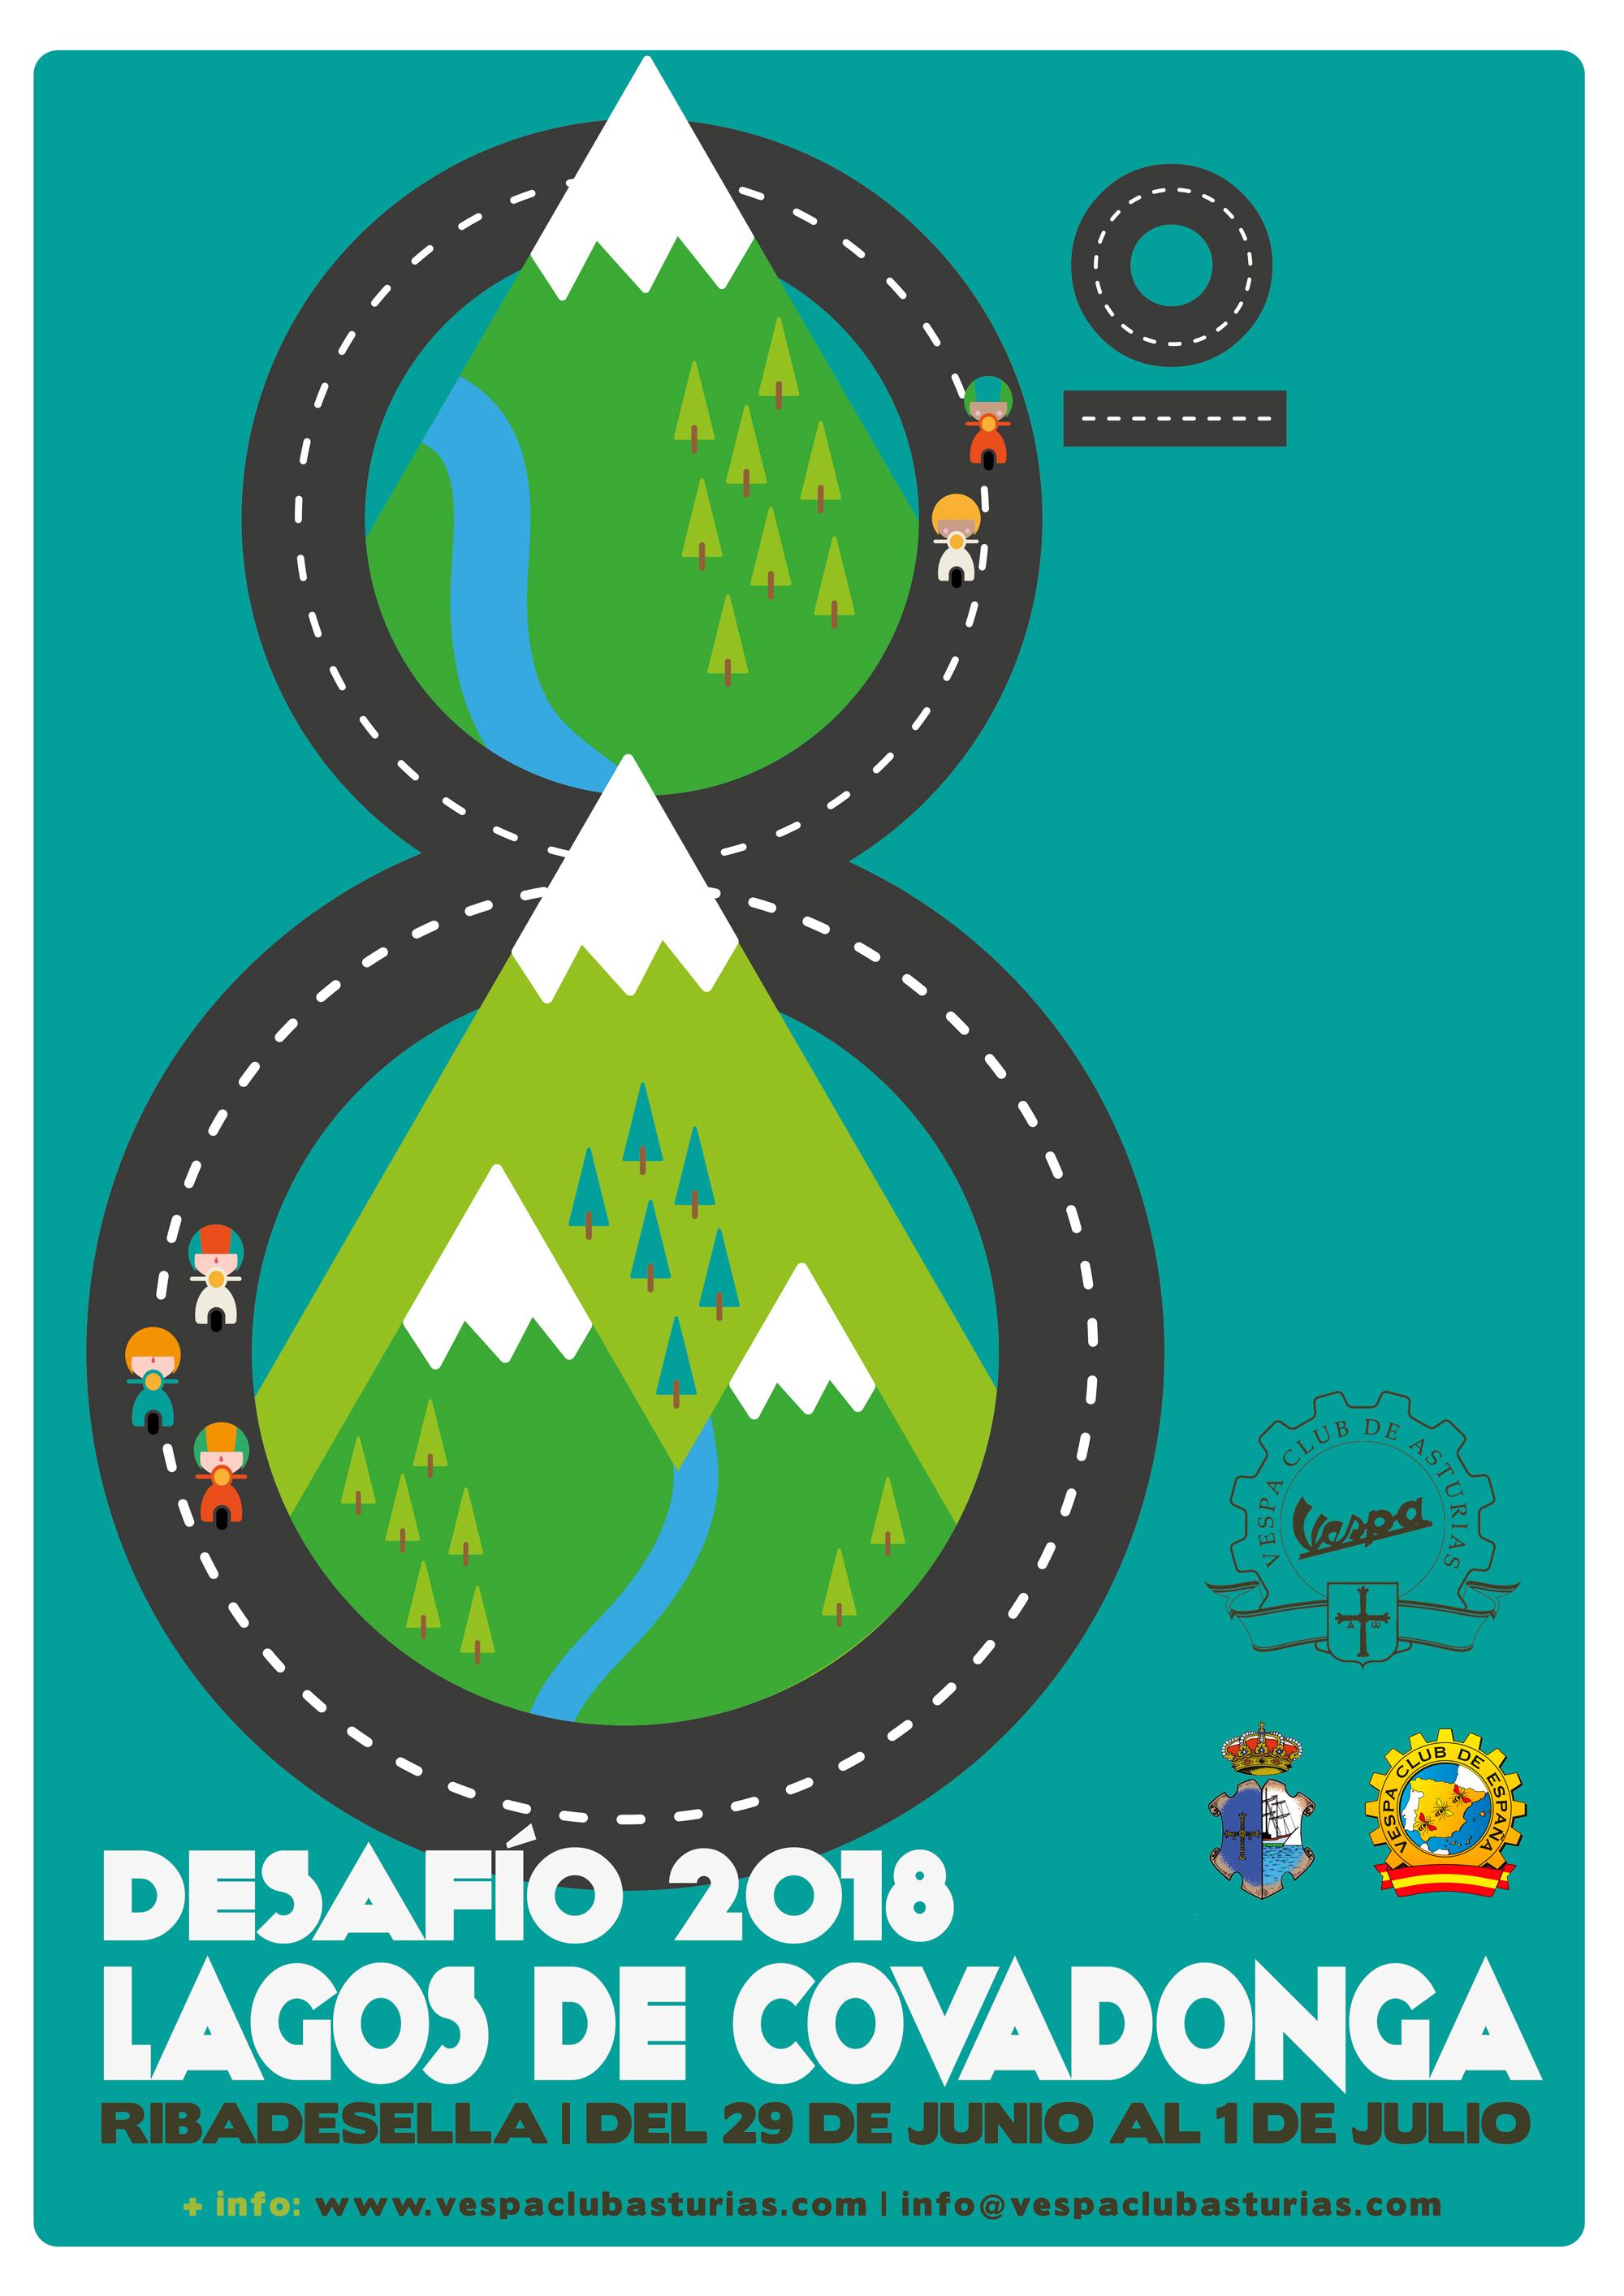 Club Vespa de Asturias - Cartel 8º Desafio Lagos de Covadonga - Raquel Bonita